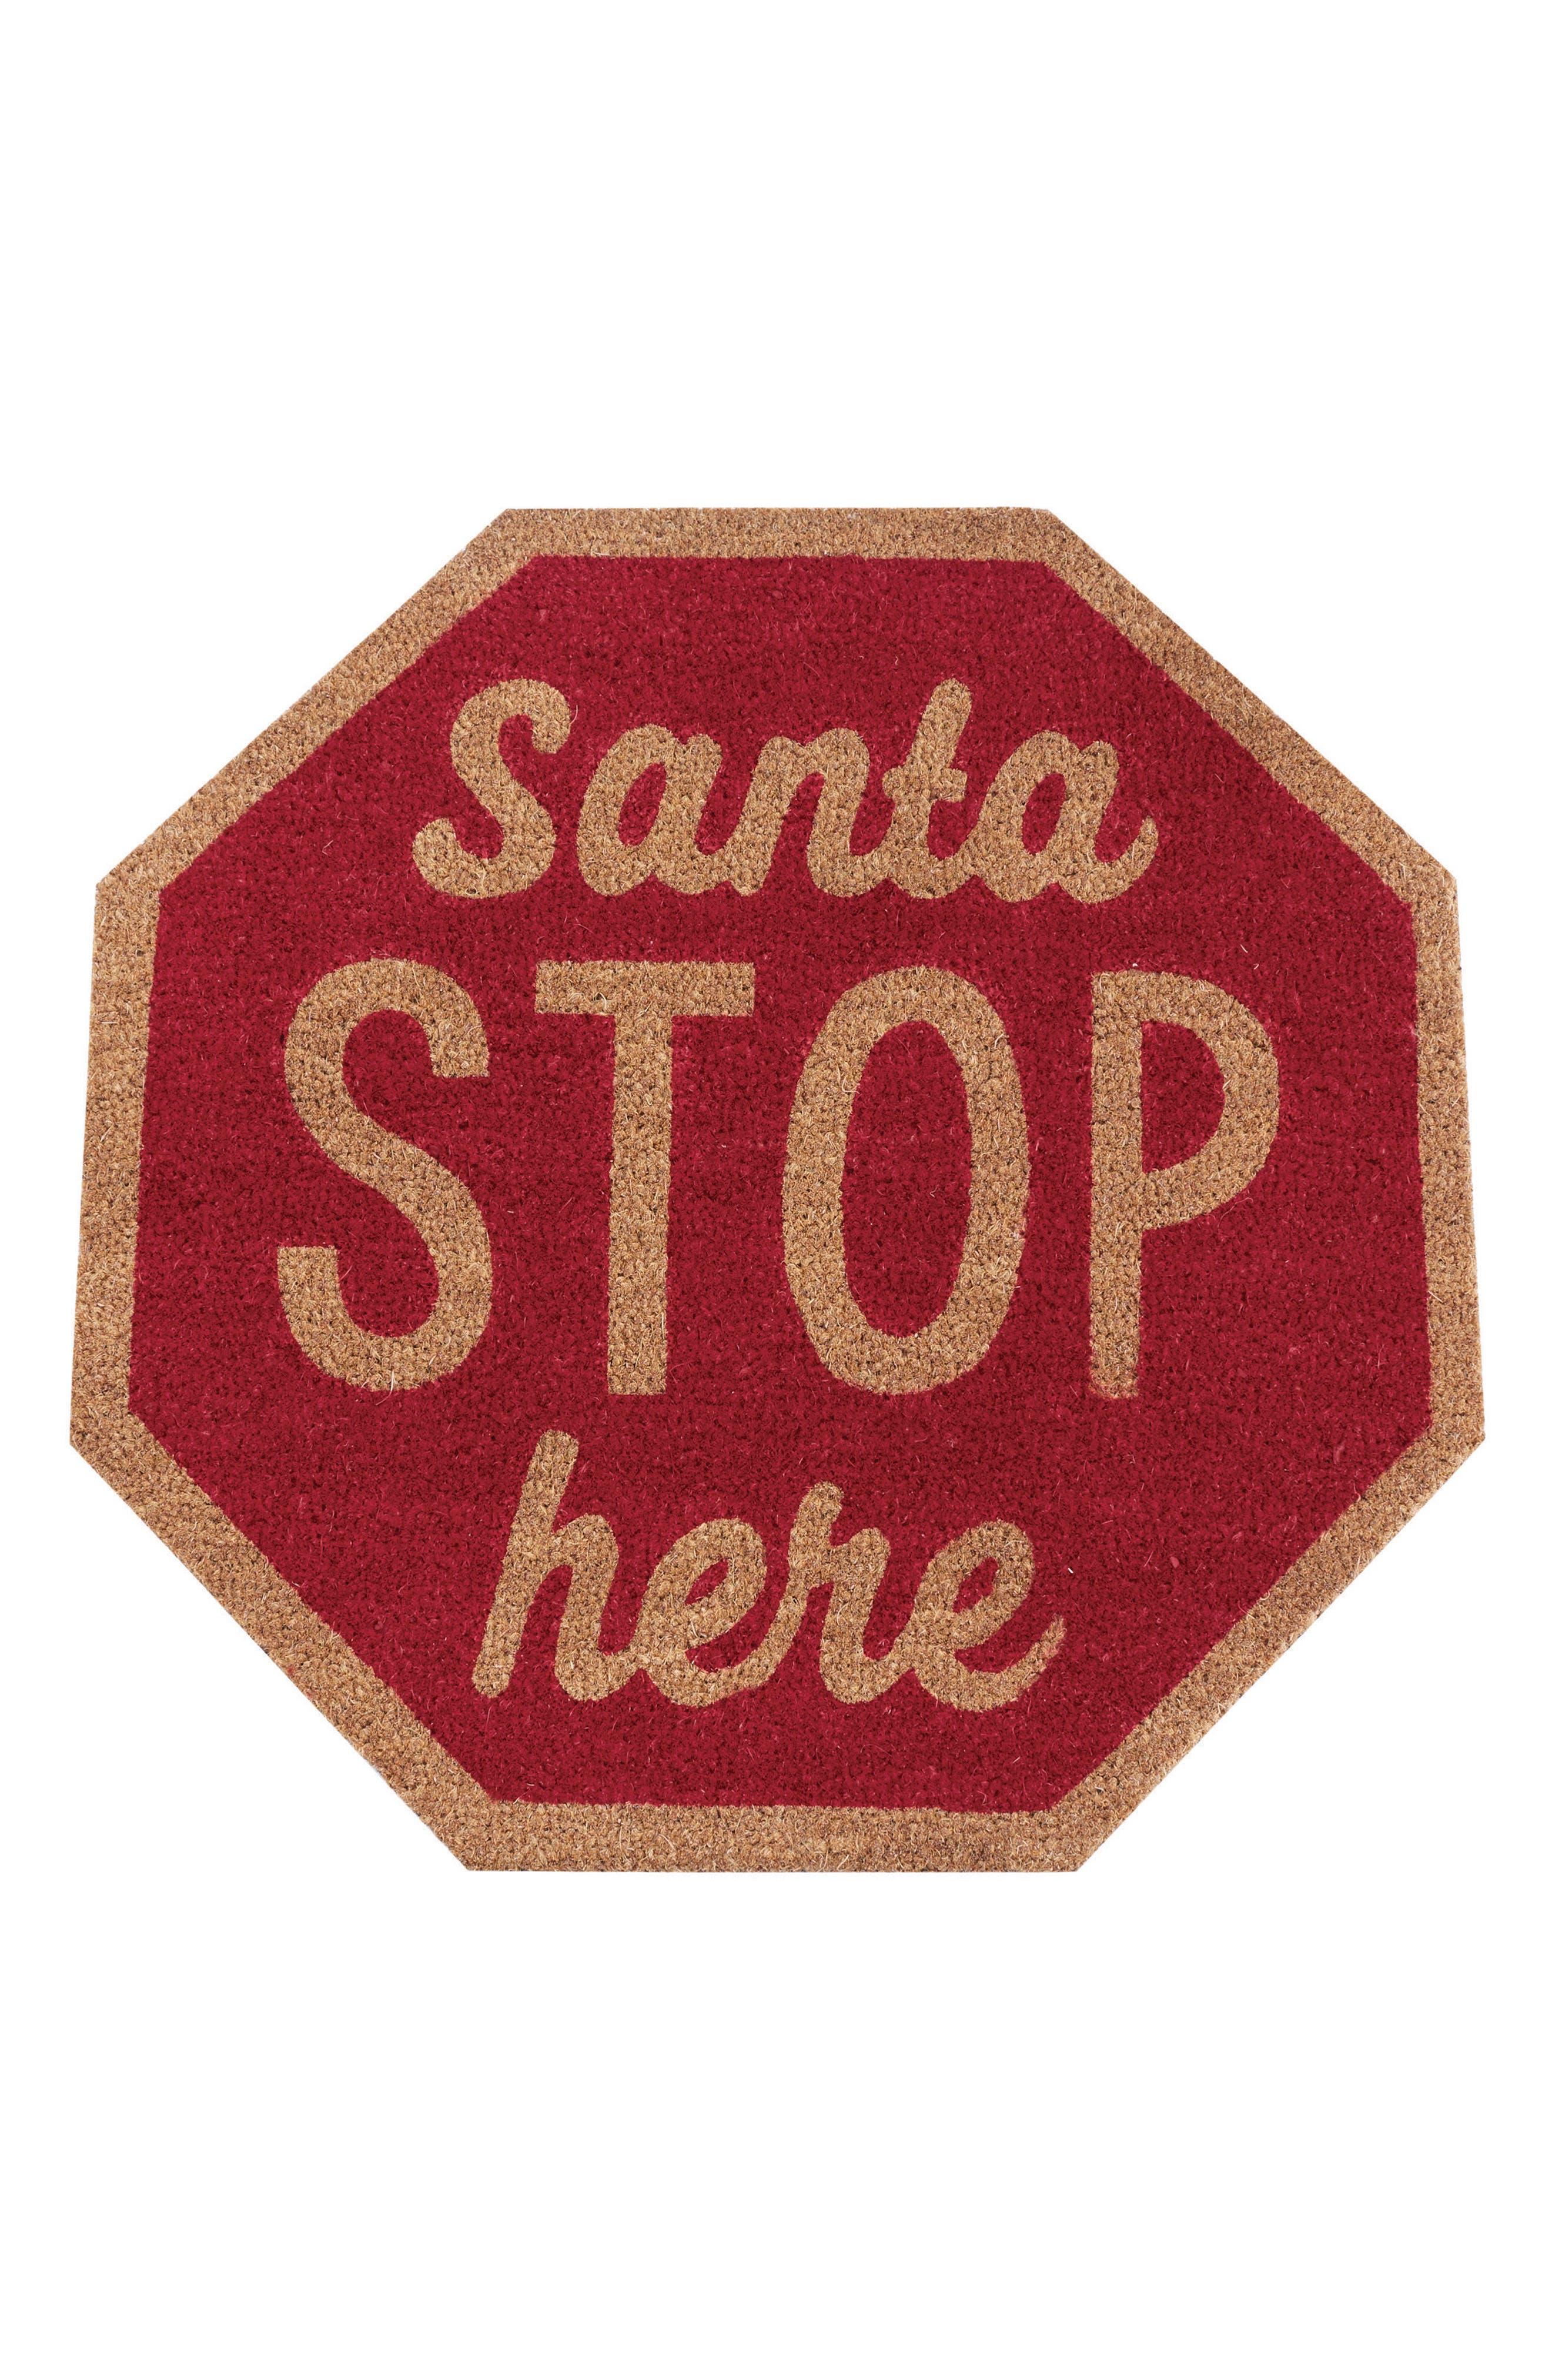 Santa Stop Here Coir Door Mat,                             Main thumbnail 1, color,                             Red